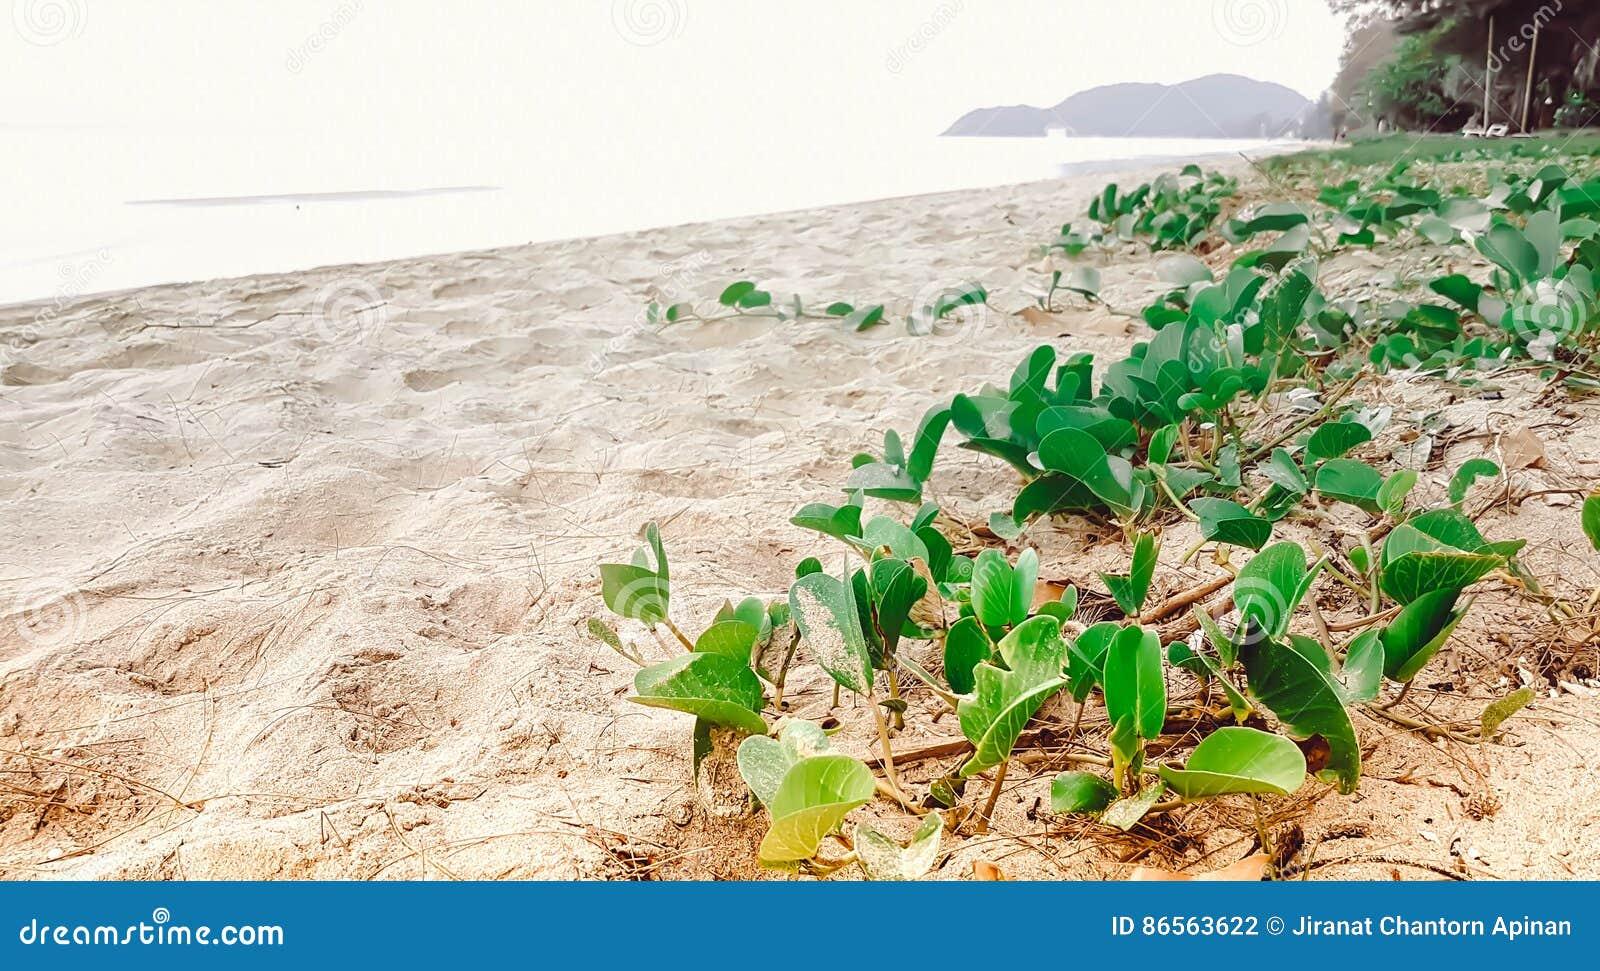 Correhuela fresca verde con muy soleado en la playa